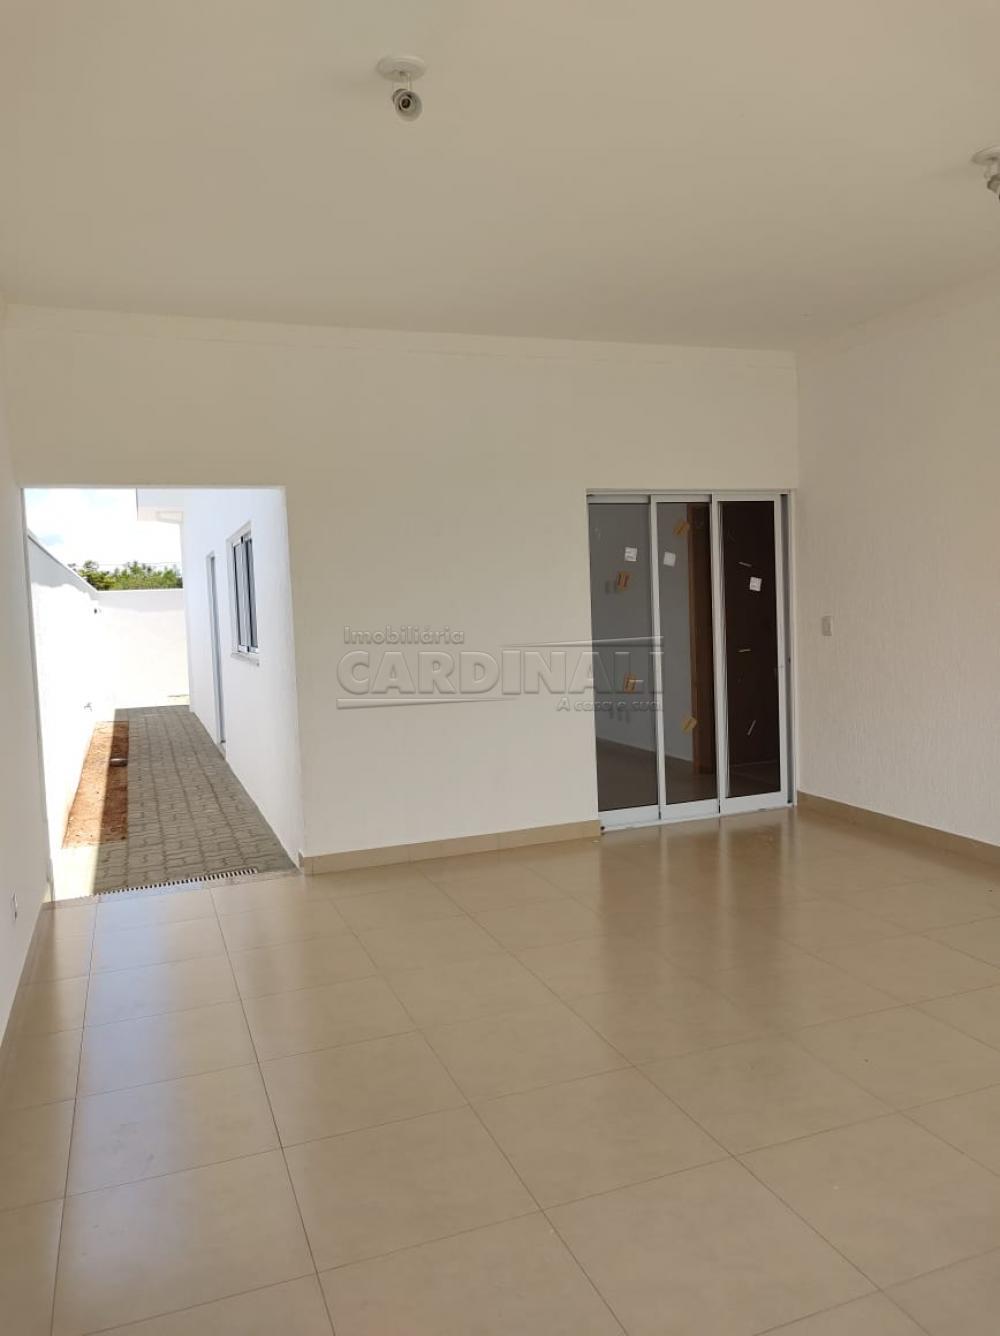 Comprar Casa / Condomínio em Araraquara R$ 480.000,00 - Foto 6